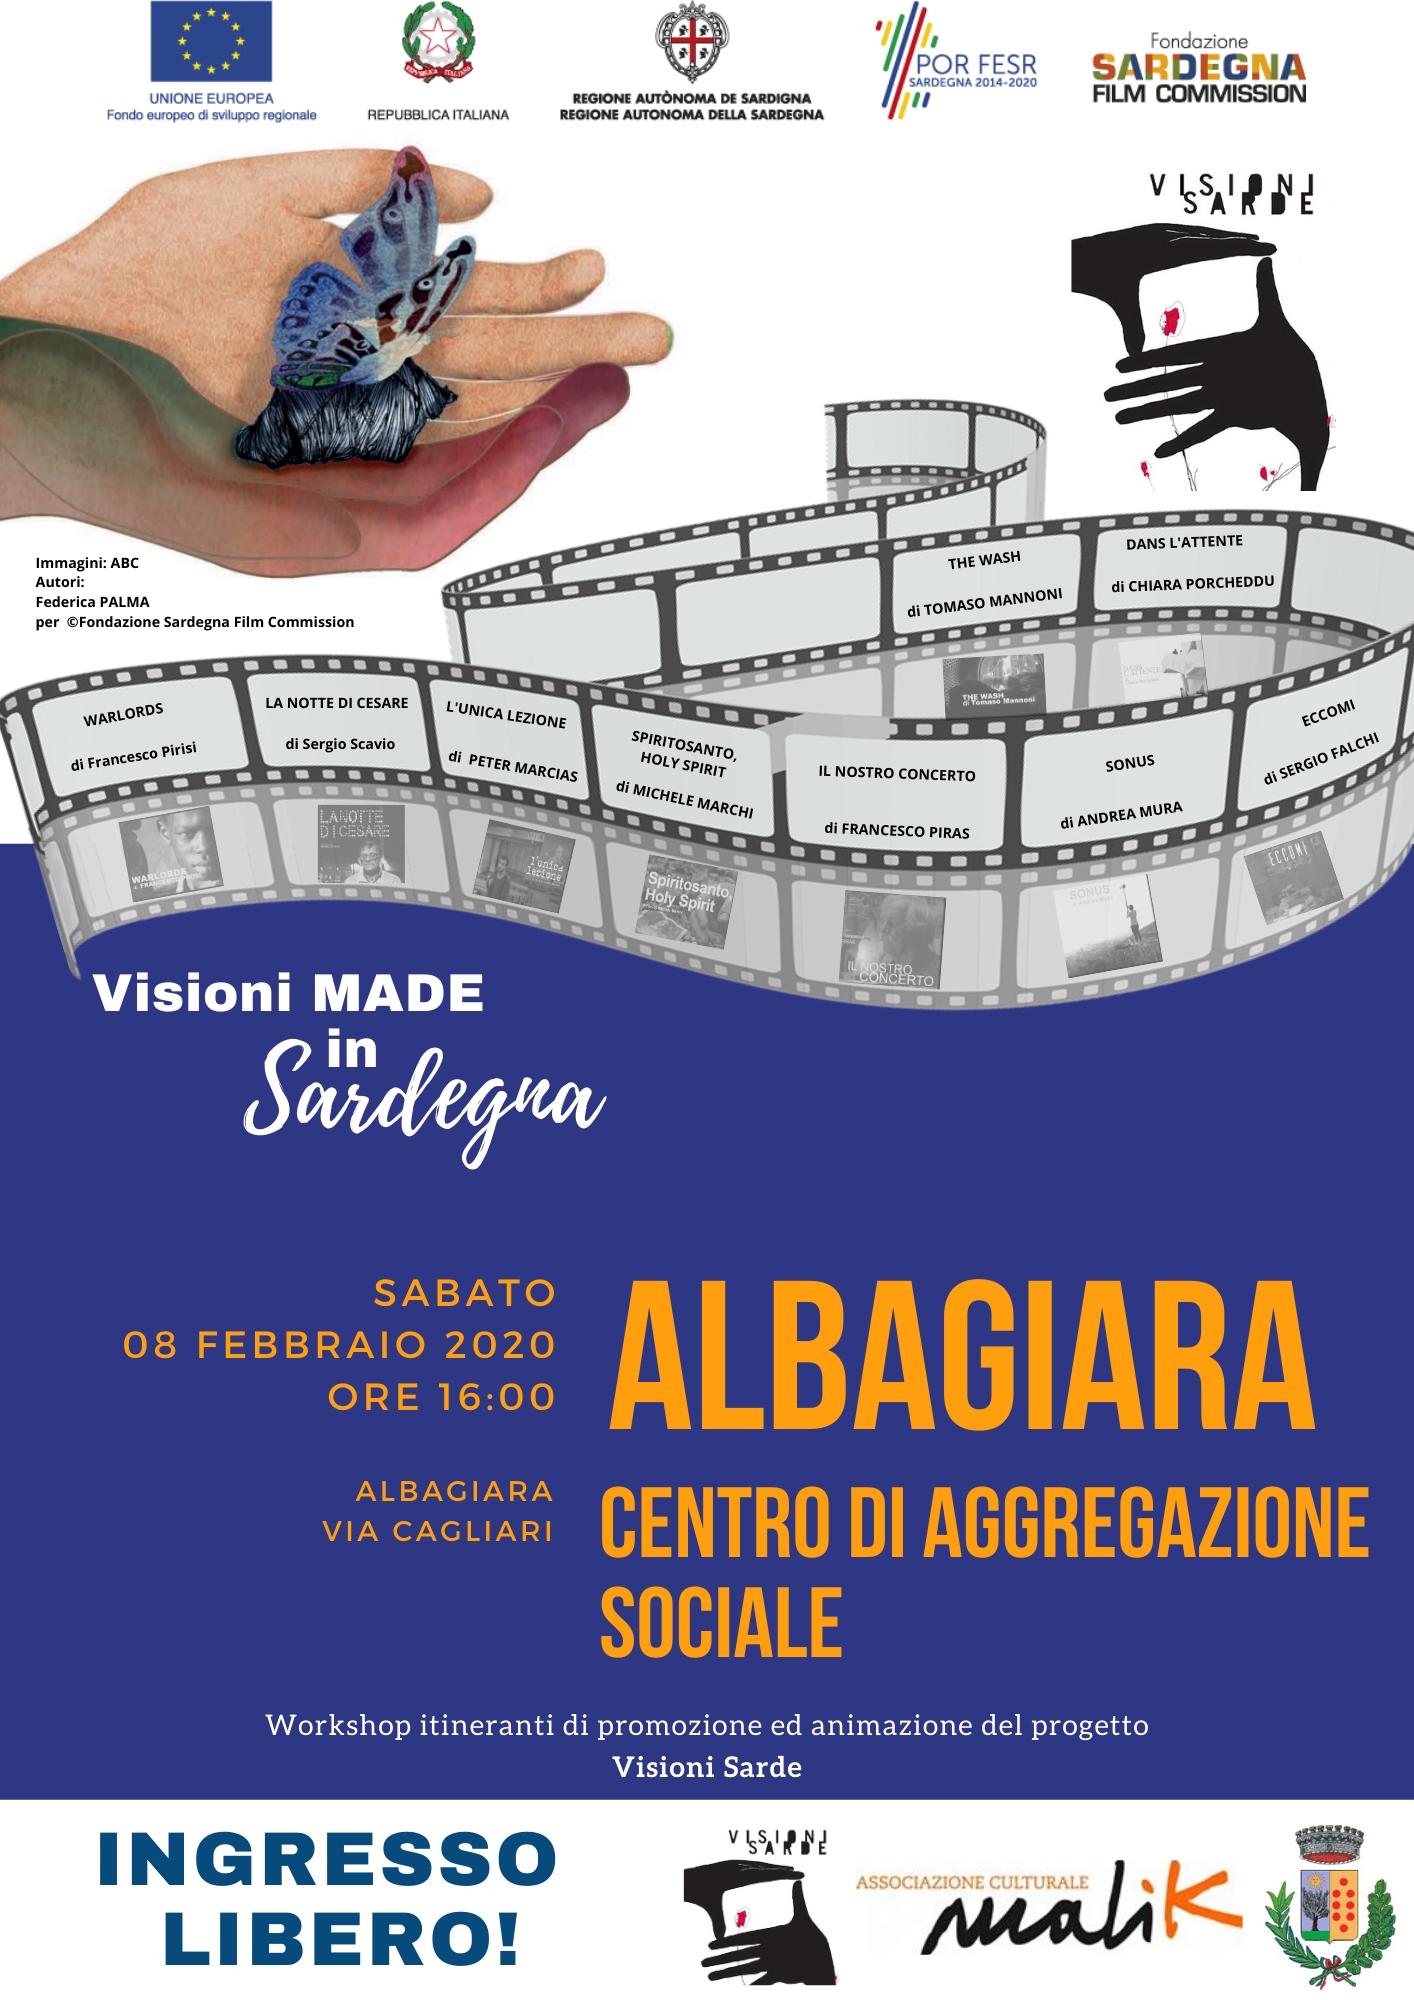 albagiara-visioni-sarde-a4